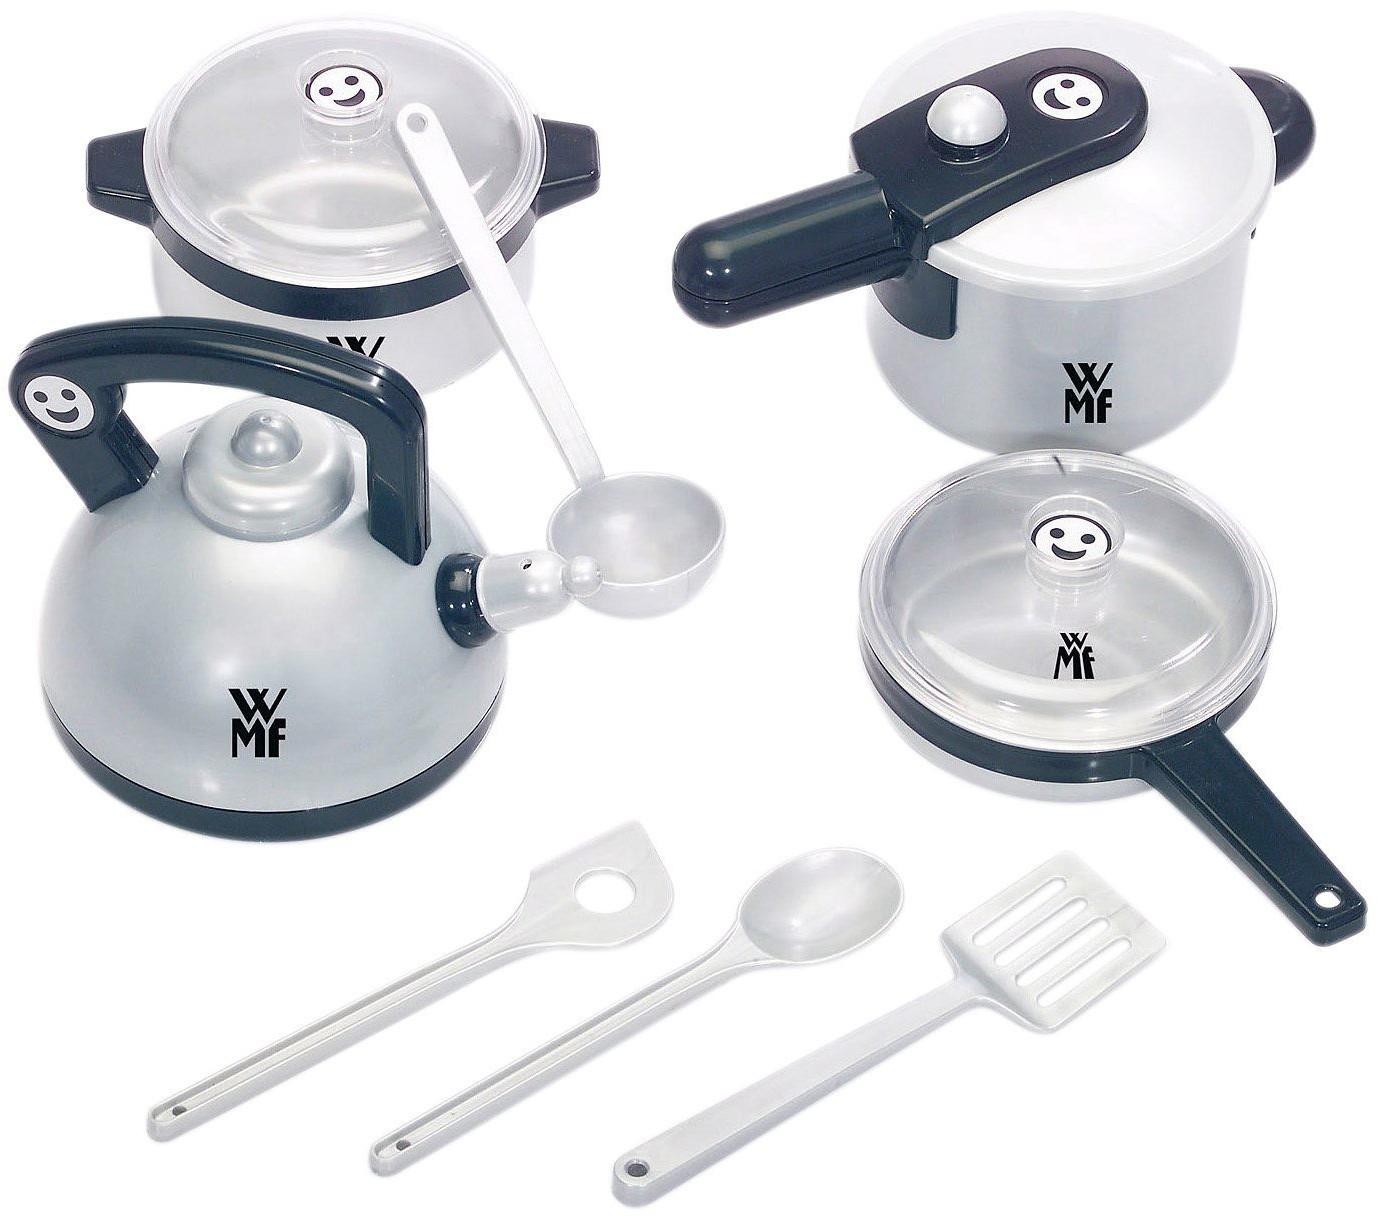 klein toys WMF Topf-Set (9430)